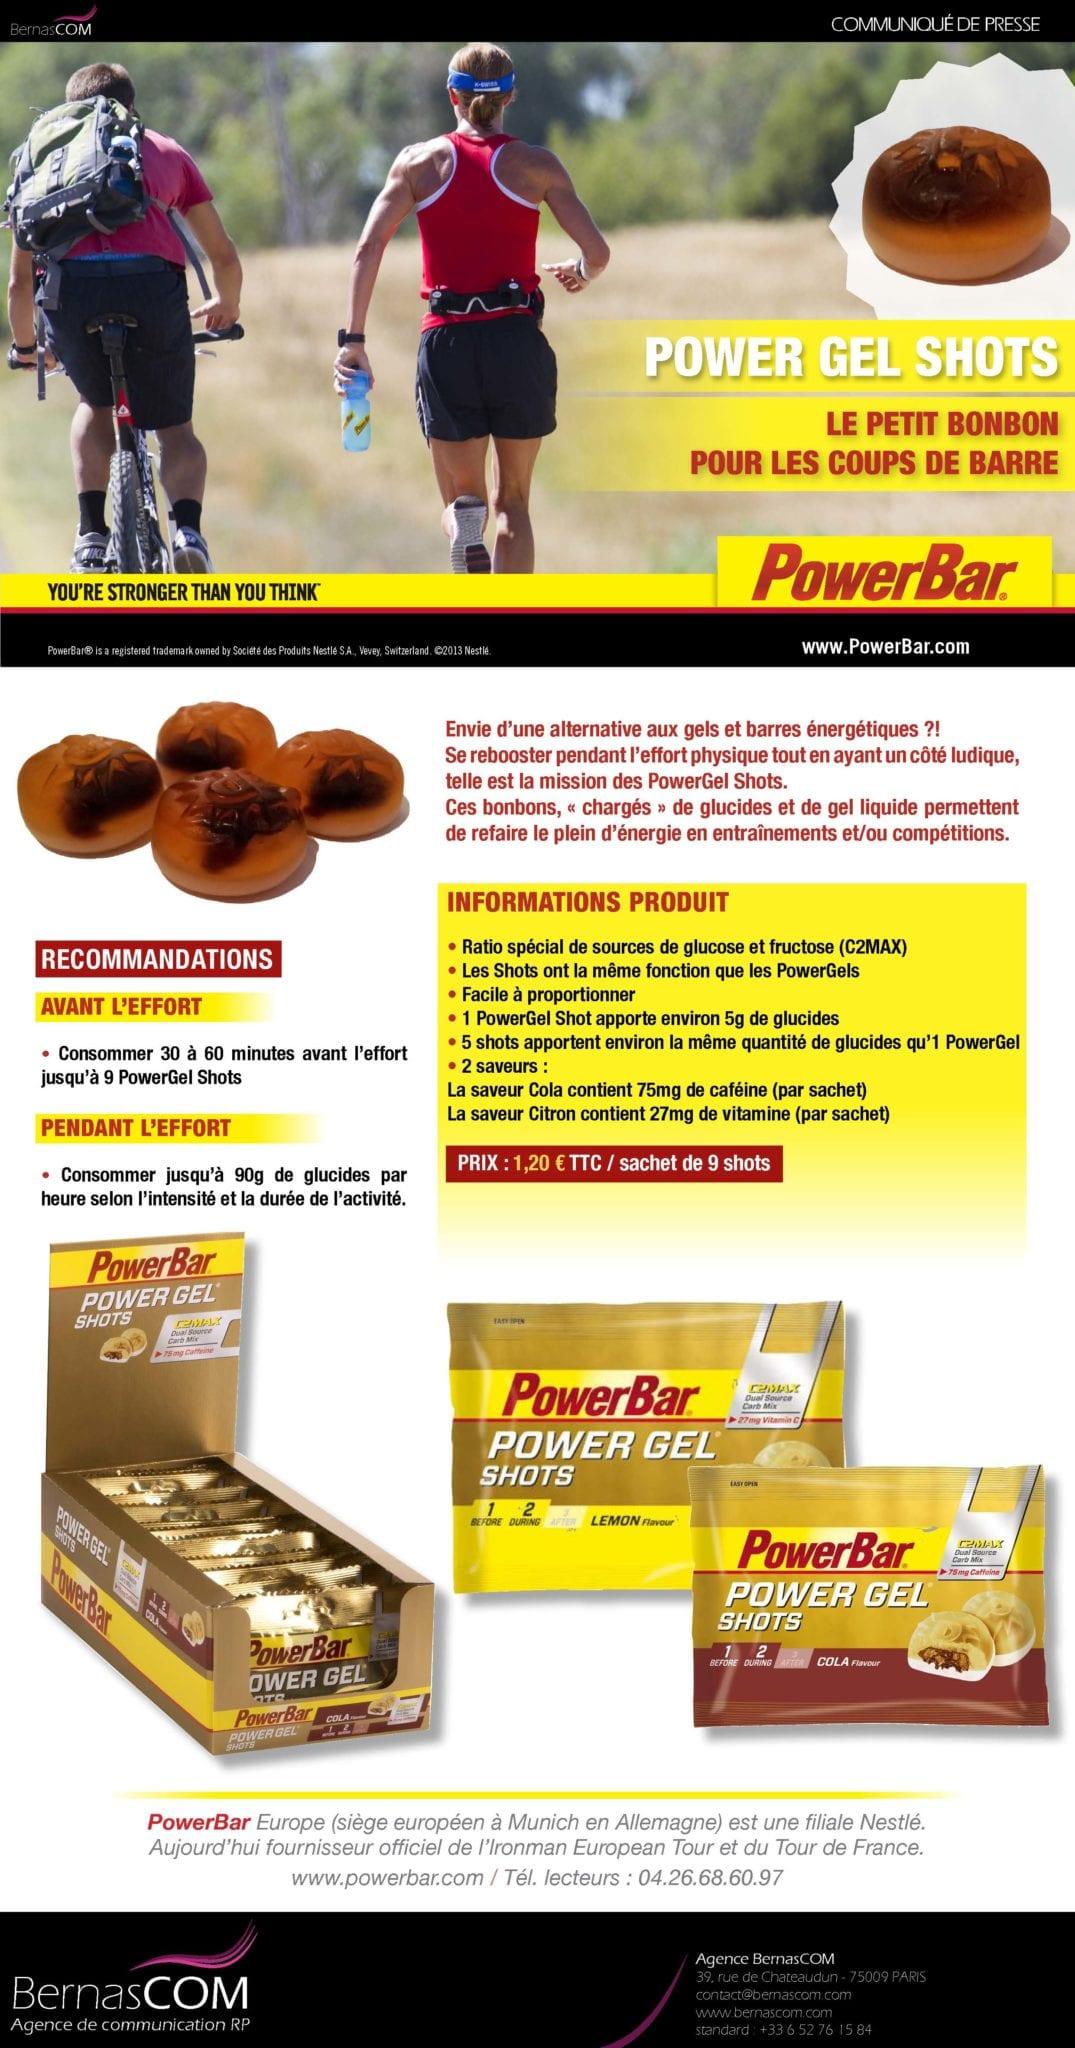 Power_Gel_Shots